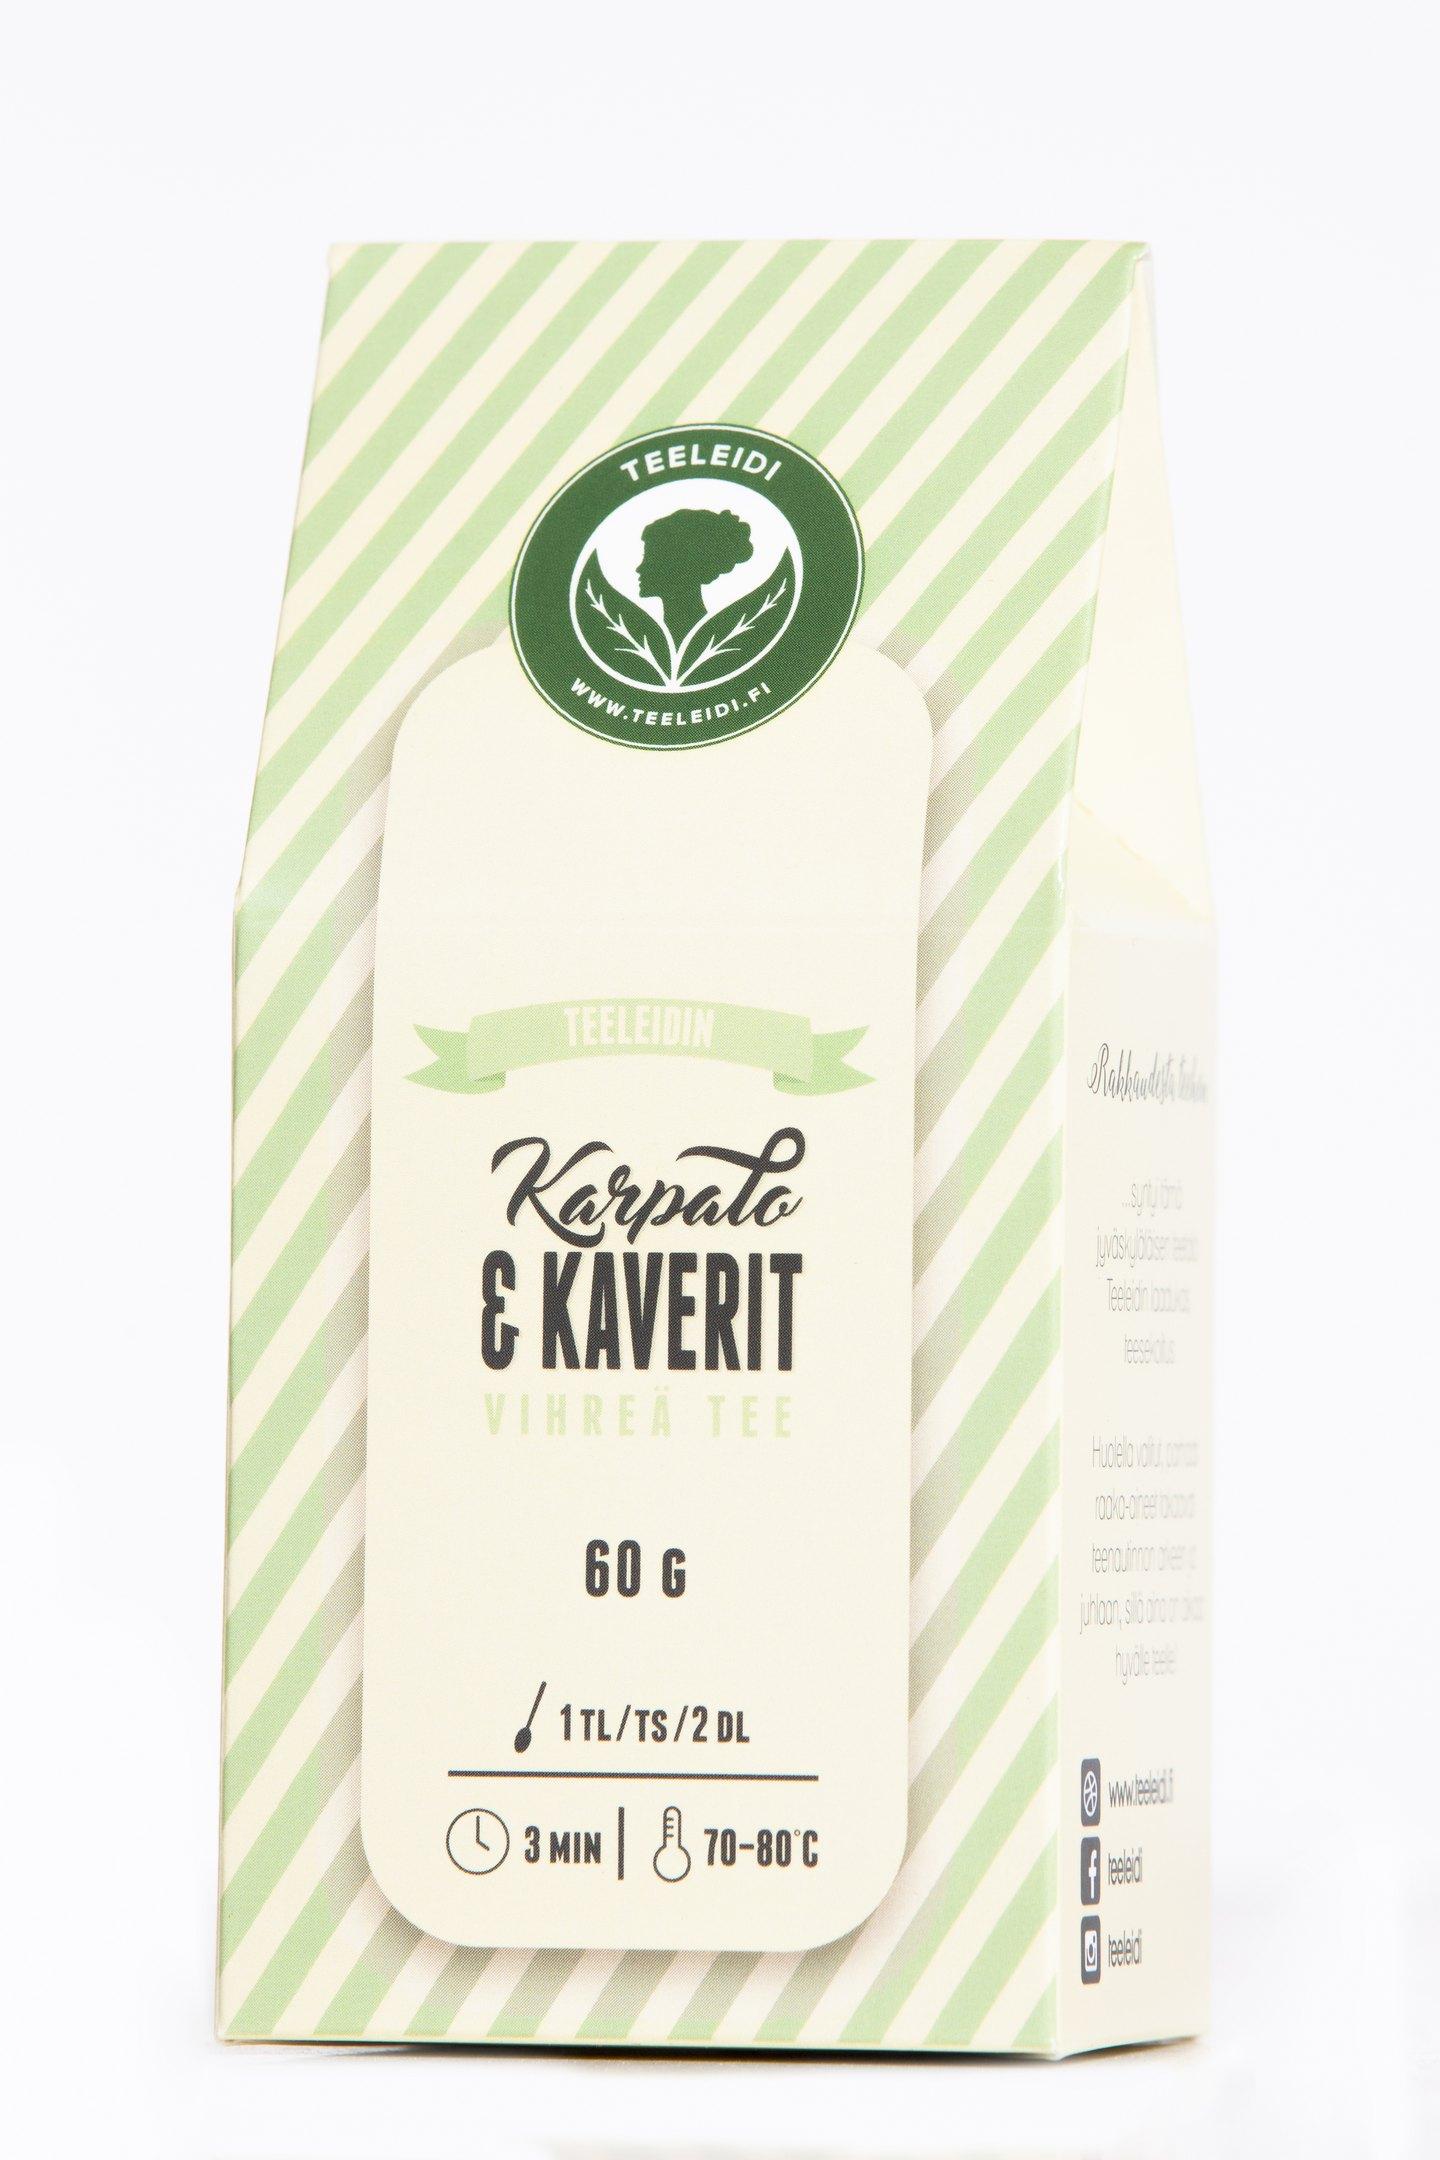 Karpalo & Kaverit vihreätee